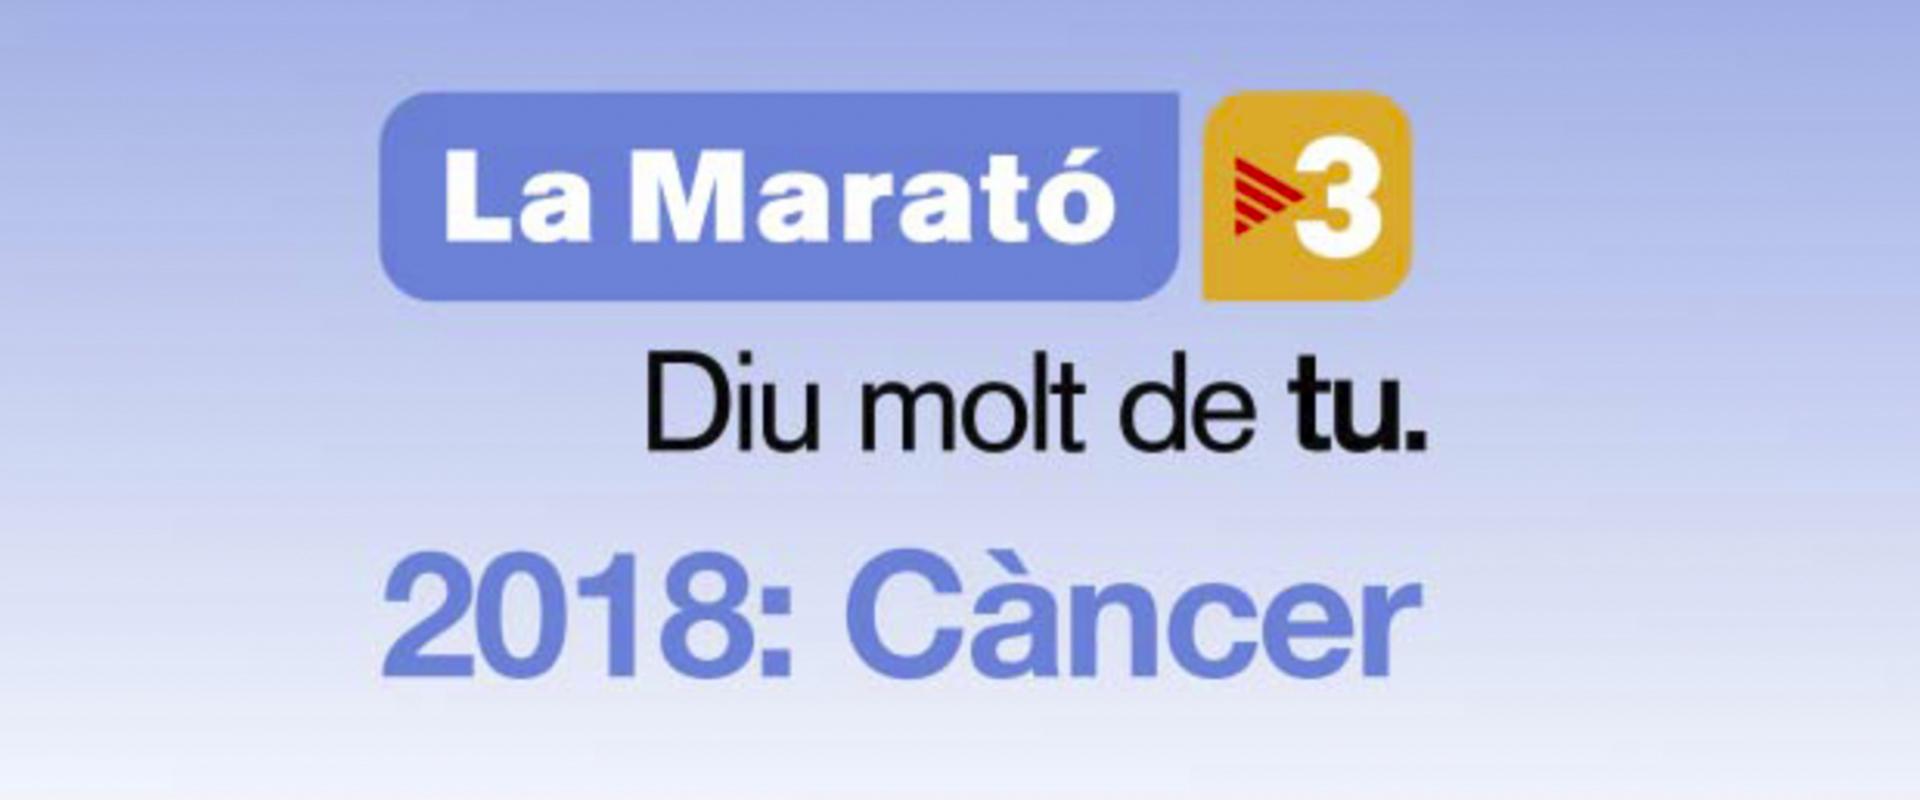 Nova Icària con La Marató de TV3